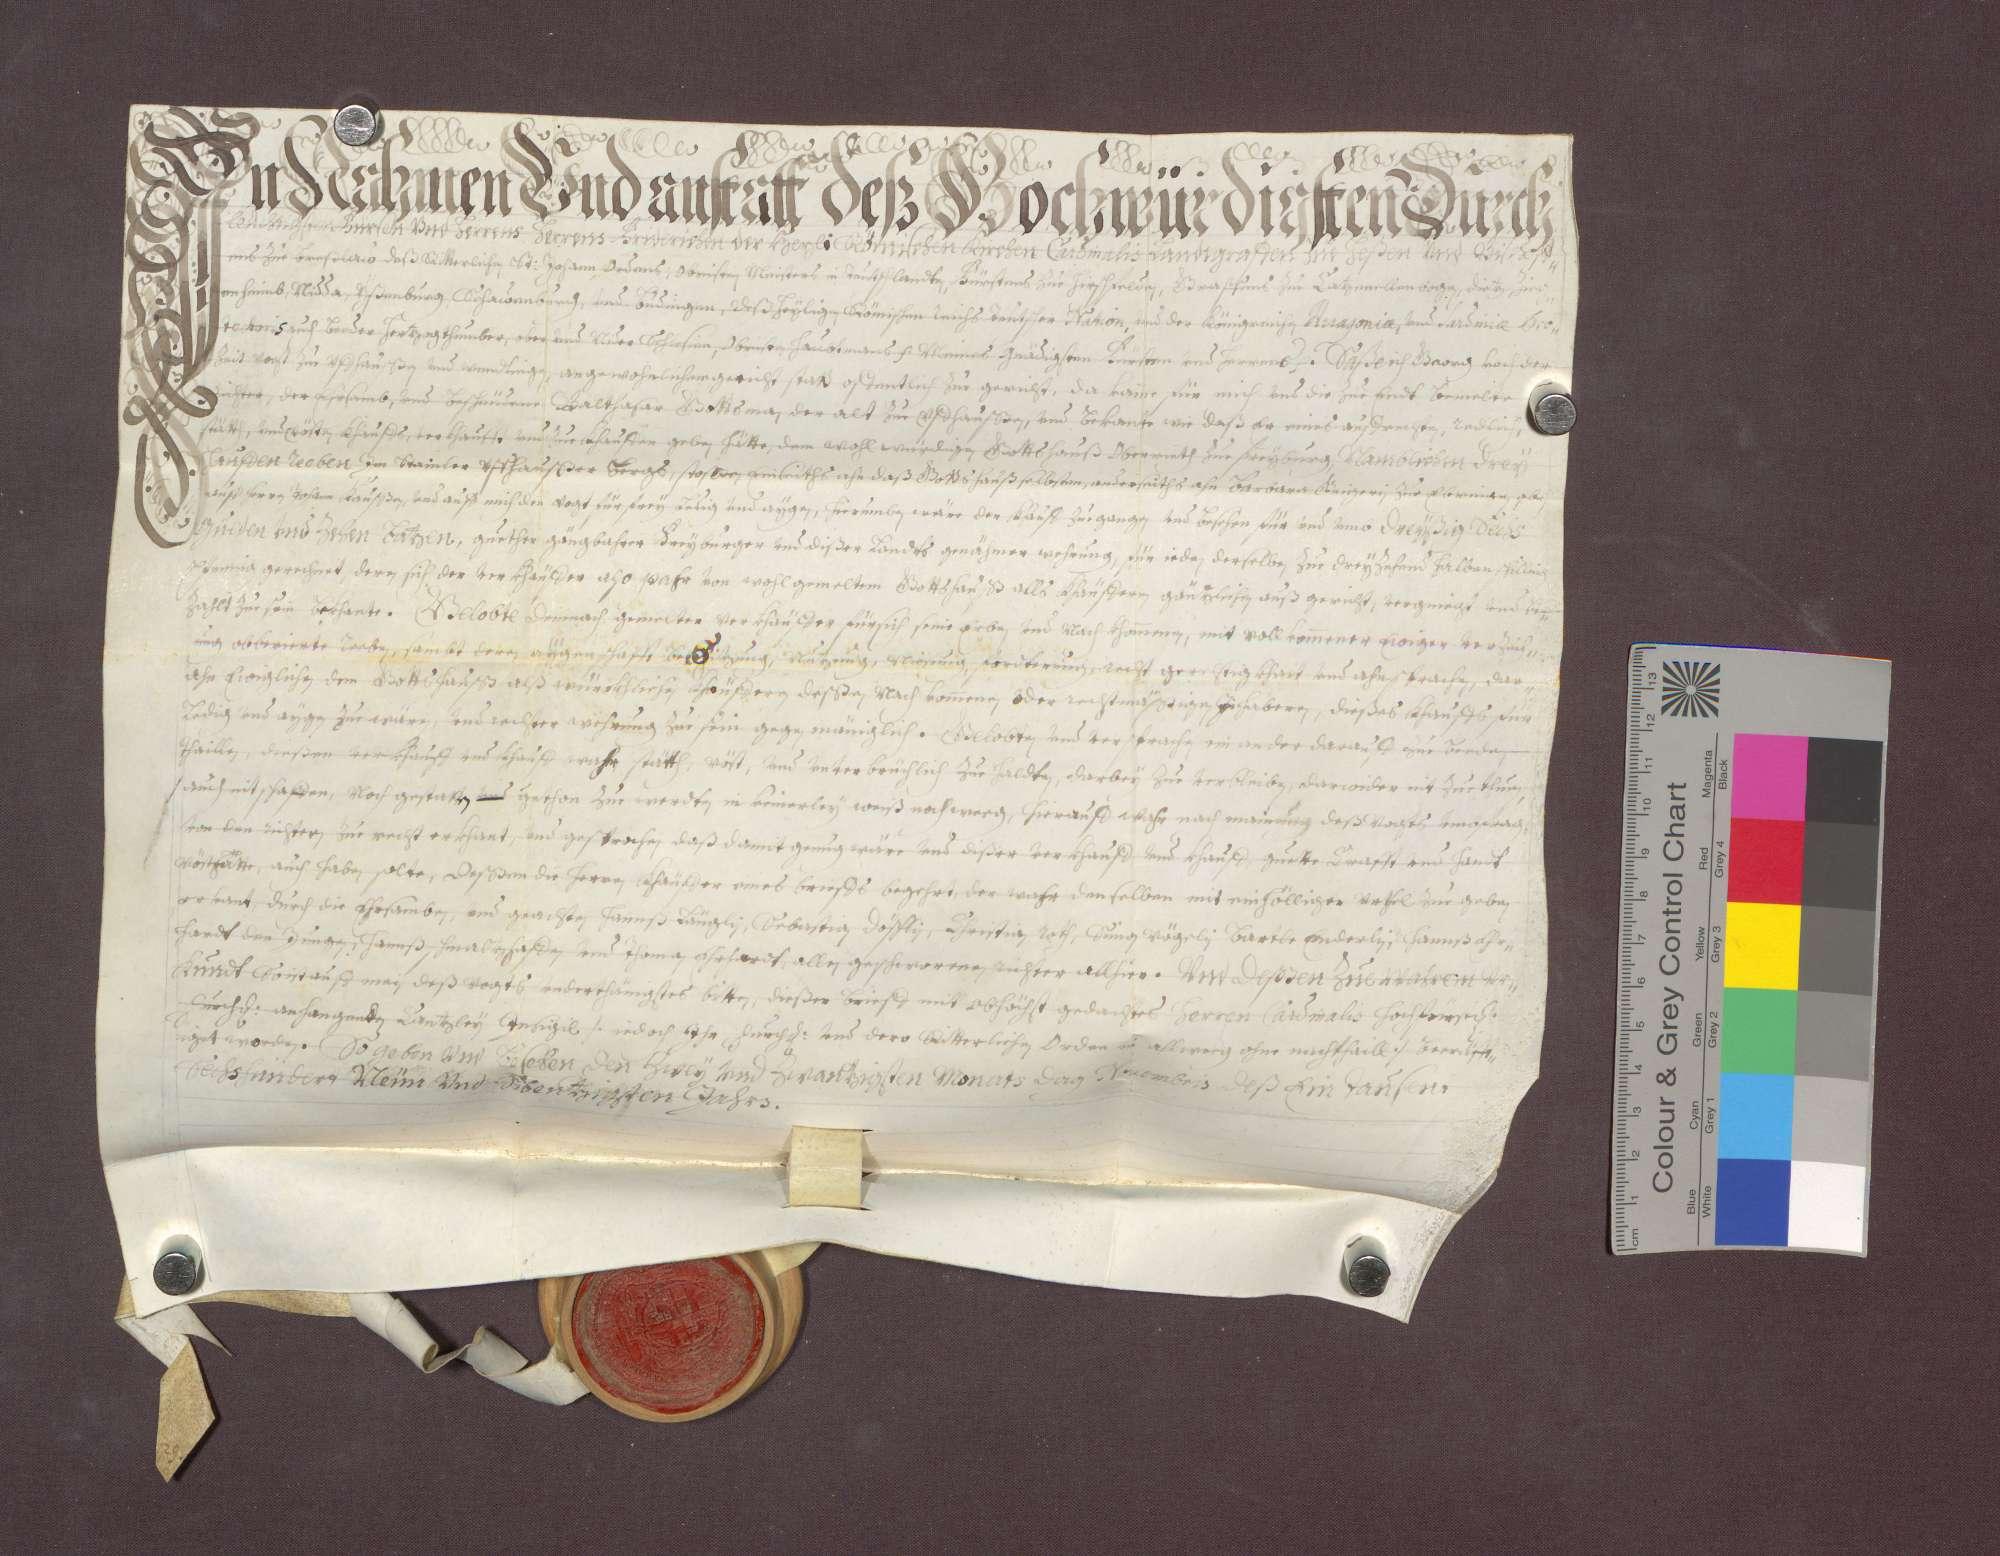 Balthasar Gottsmann verkauft den Wilhelmiten zu Freiburg 3 Haufen Reben am Uffhauser Berg um 36 Gulden 10 Batzen., Bild 1